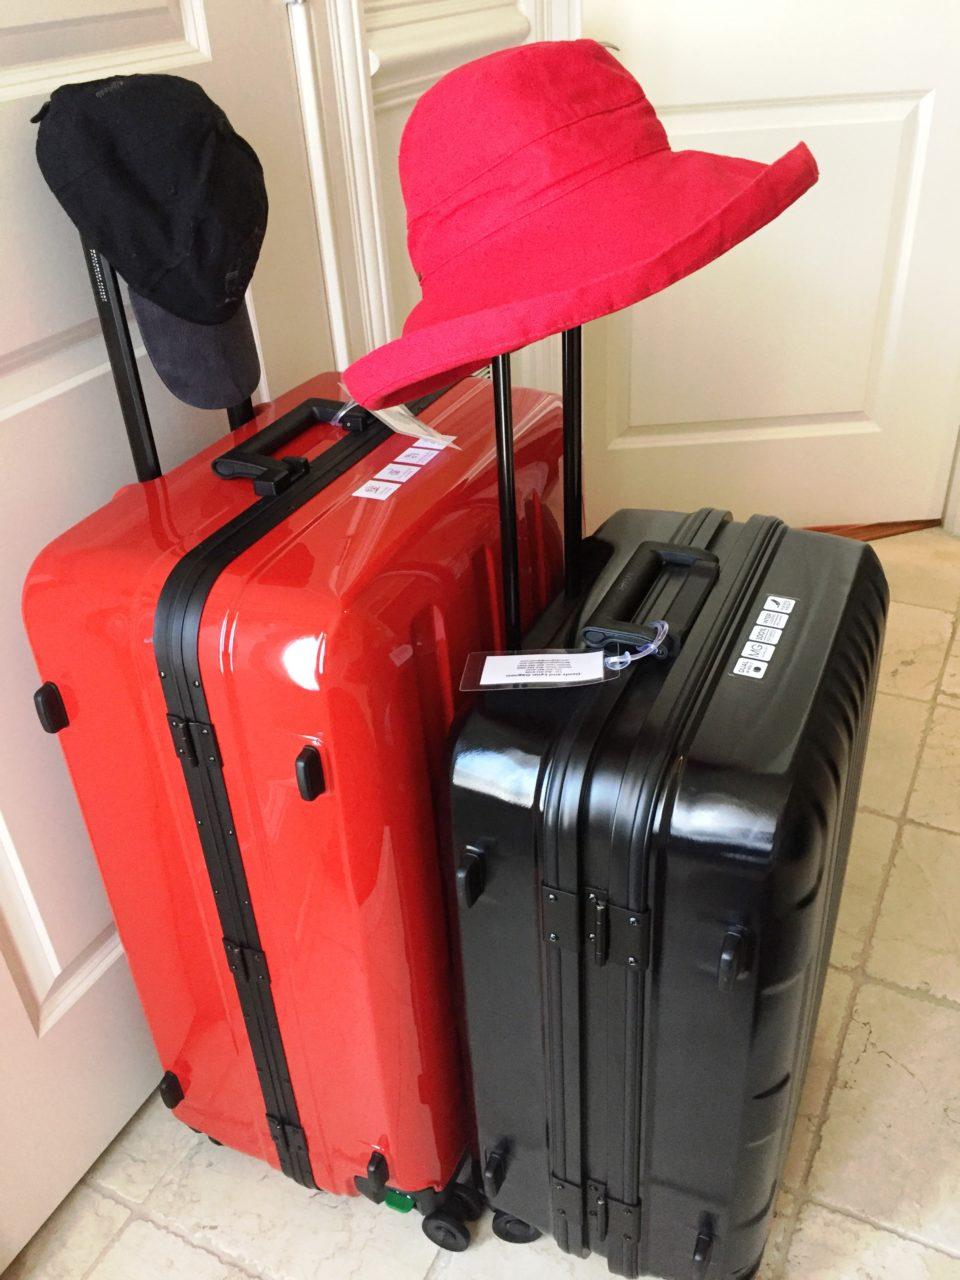 Lojel Luggage ~ Red Lojel Novigo and black Lojel Kozmos suitcases